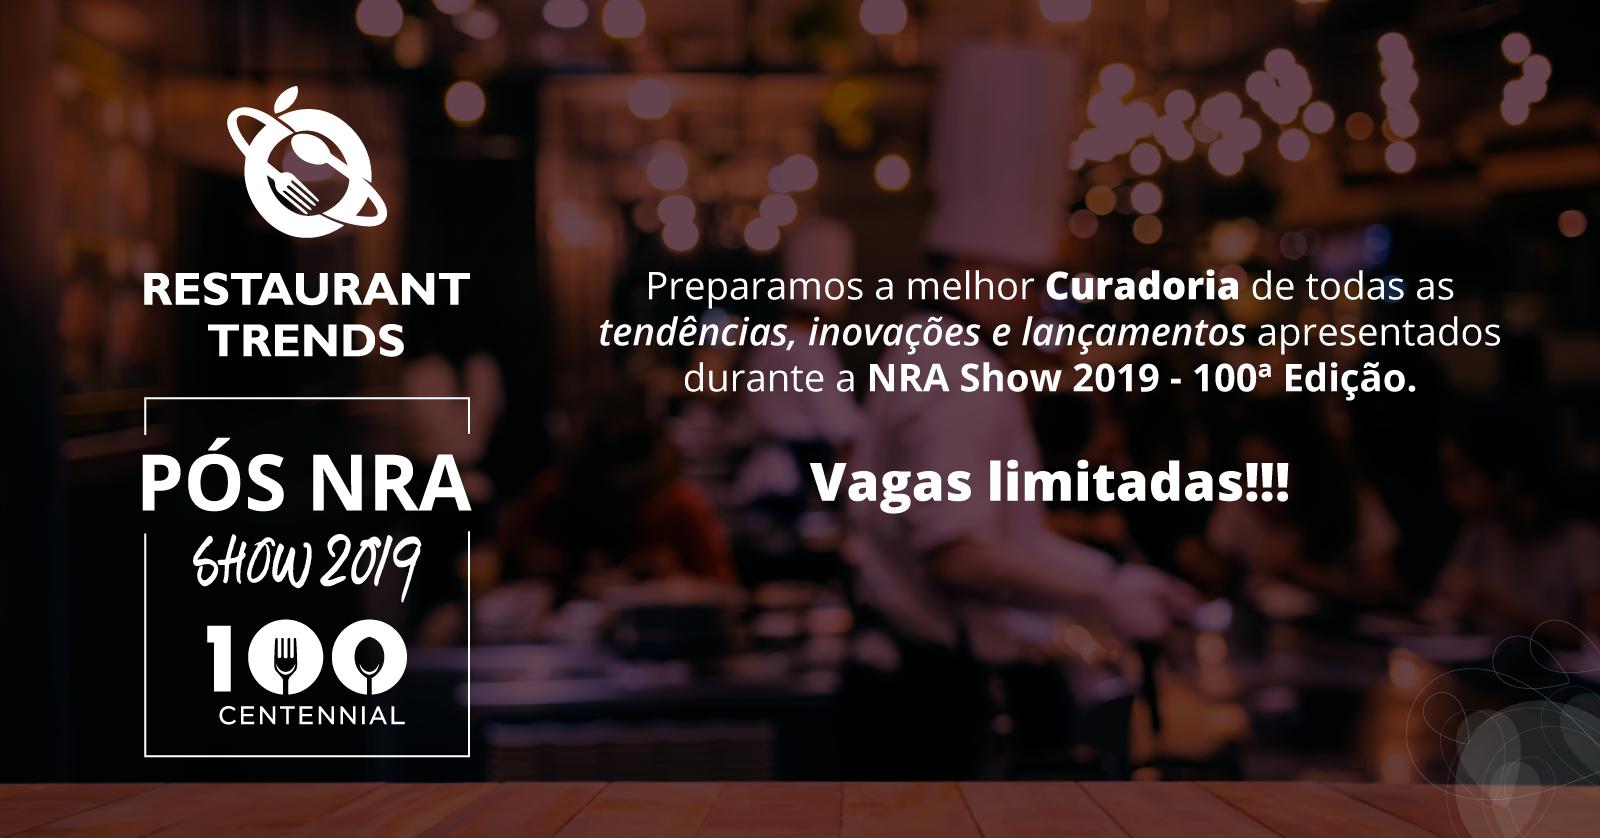 Pós NRA Show 2019 - Restaurant Trends - Sympla